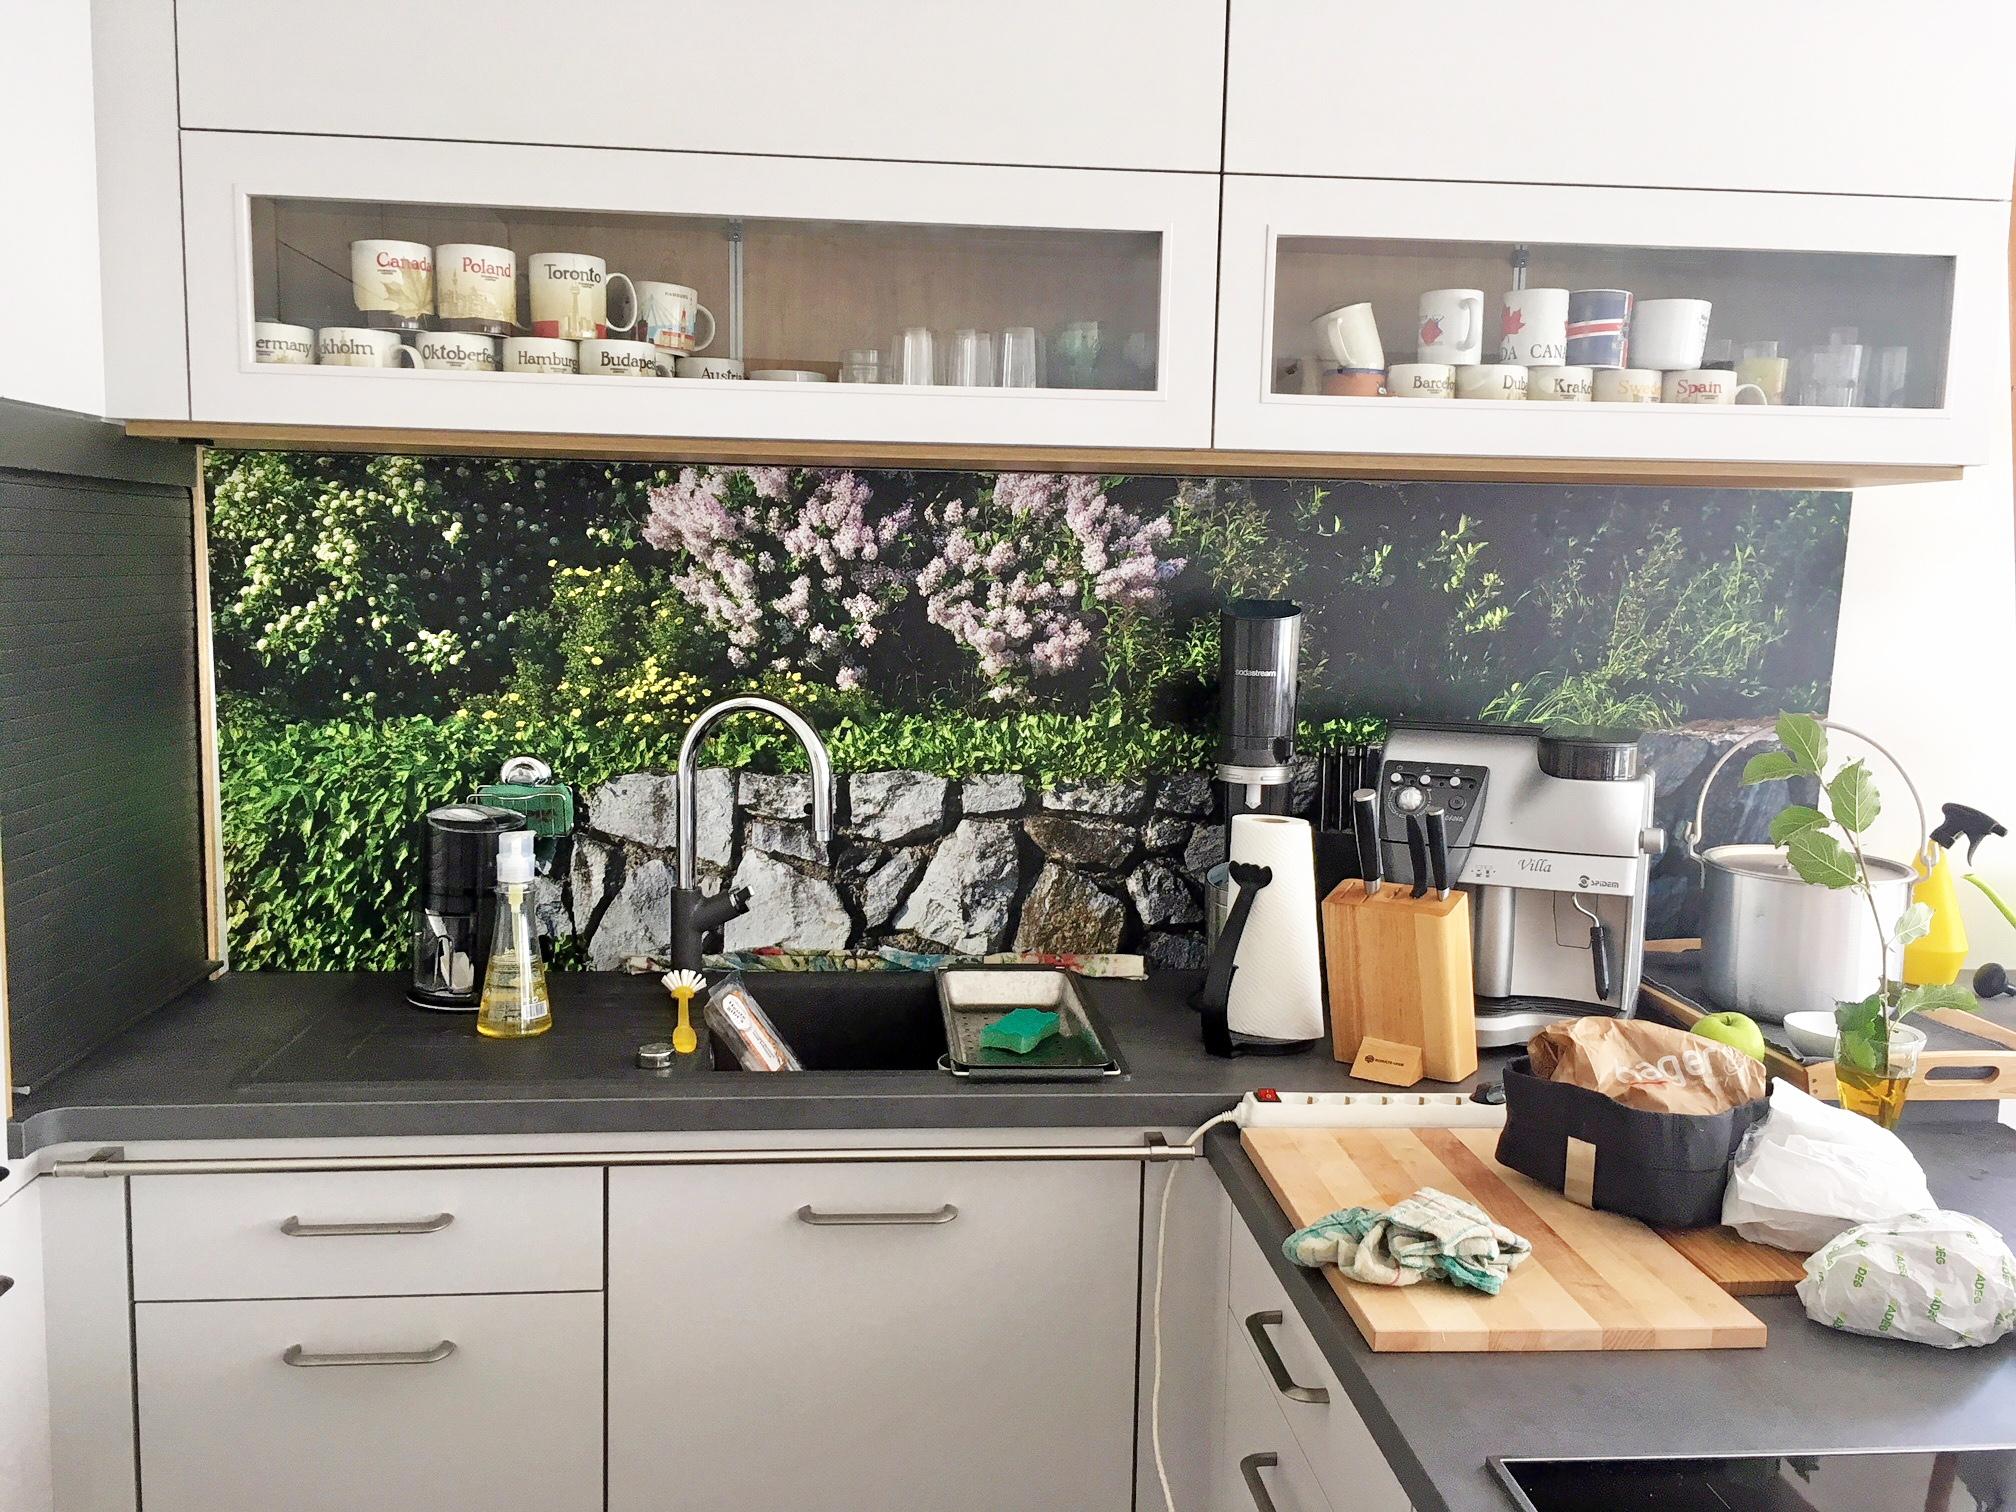 Idées de cadeaux - crédence de cuisine personnalisée sur Alu-Dibond / inspiration client de Alexandra- myposter